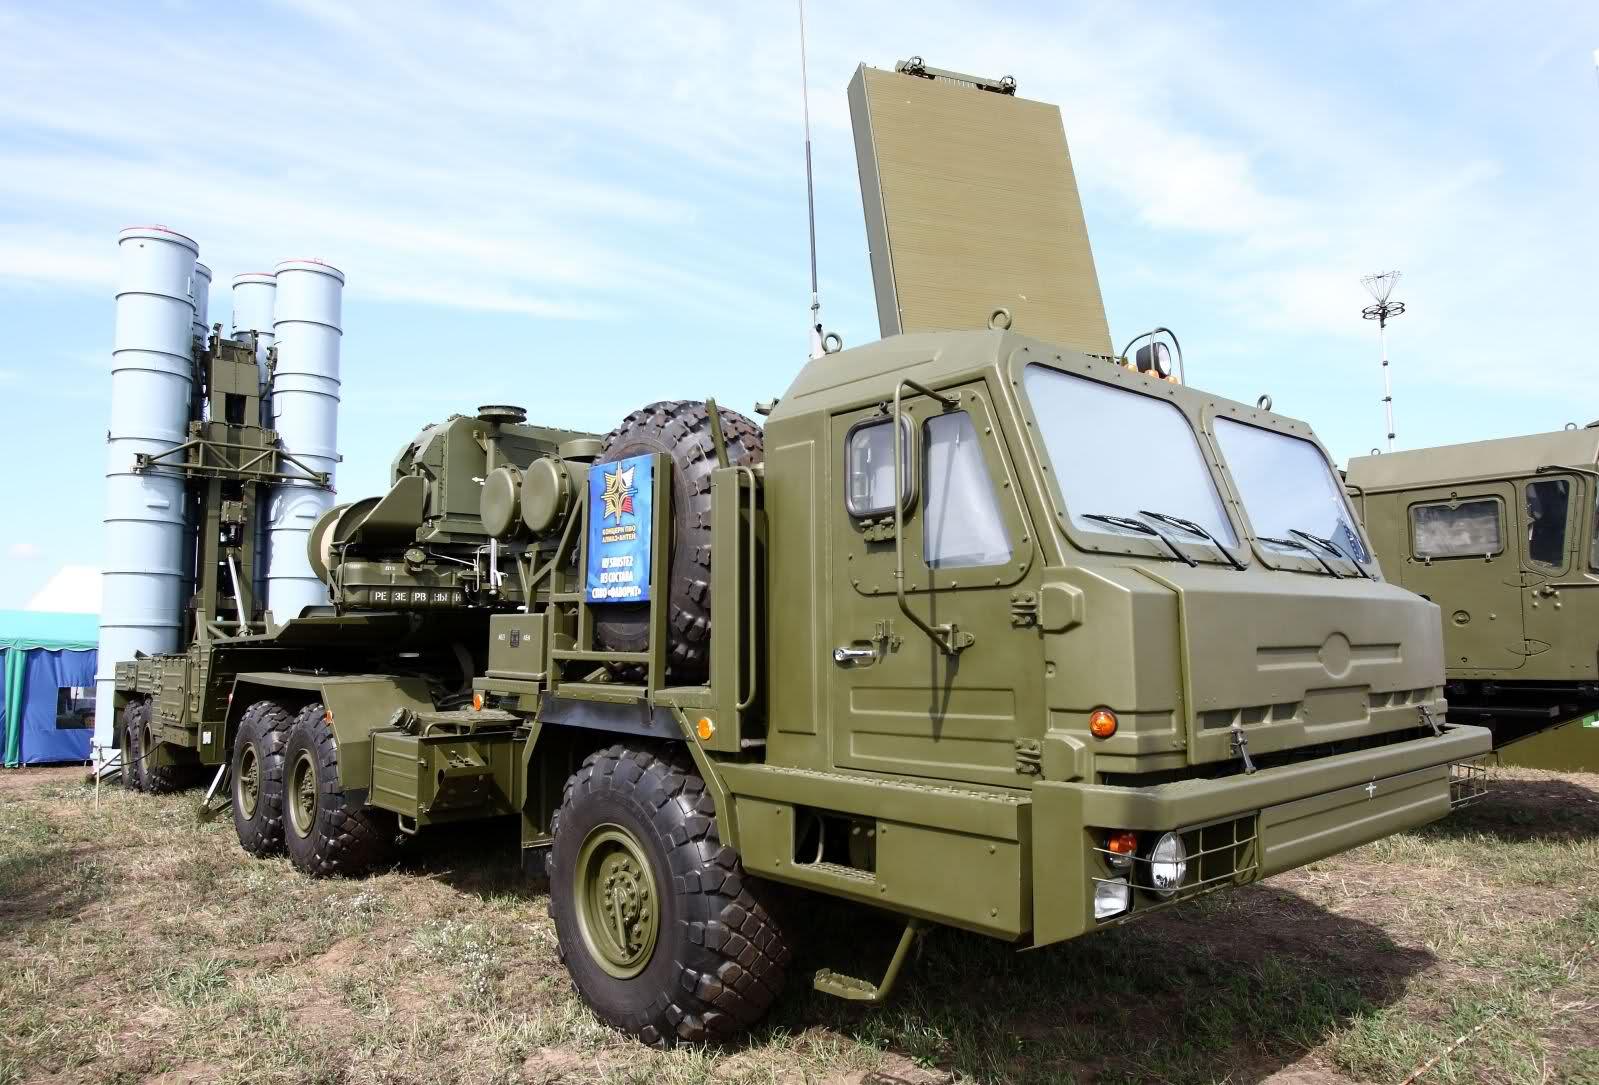 Универсальная мобильная многоканальная зенитная ракетная система С-300ПМУ-2 &quot;Фаворит&quot;<br>Источник: http://forum.ge/